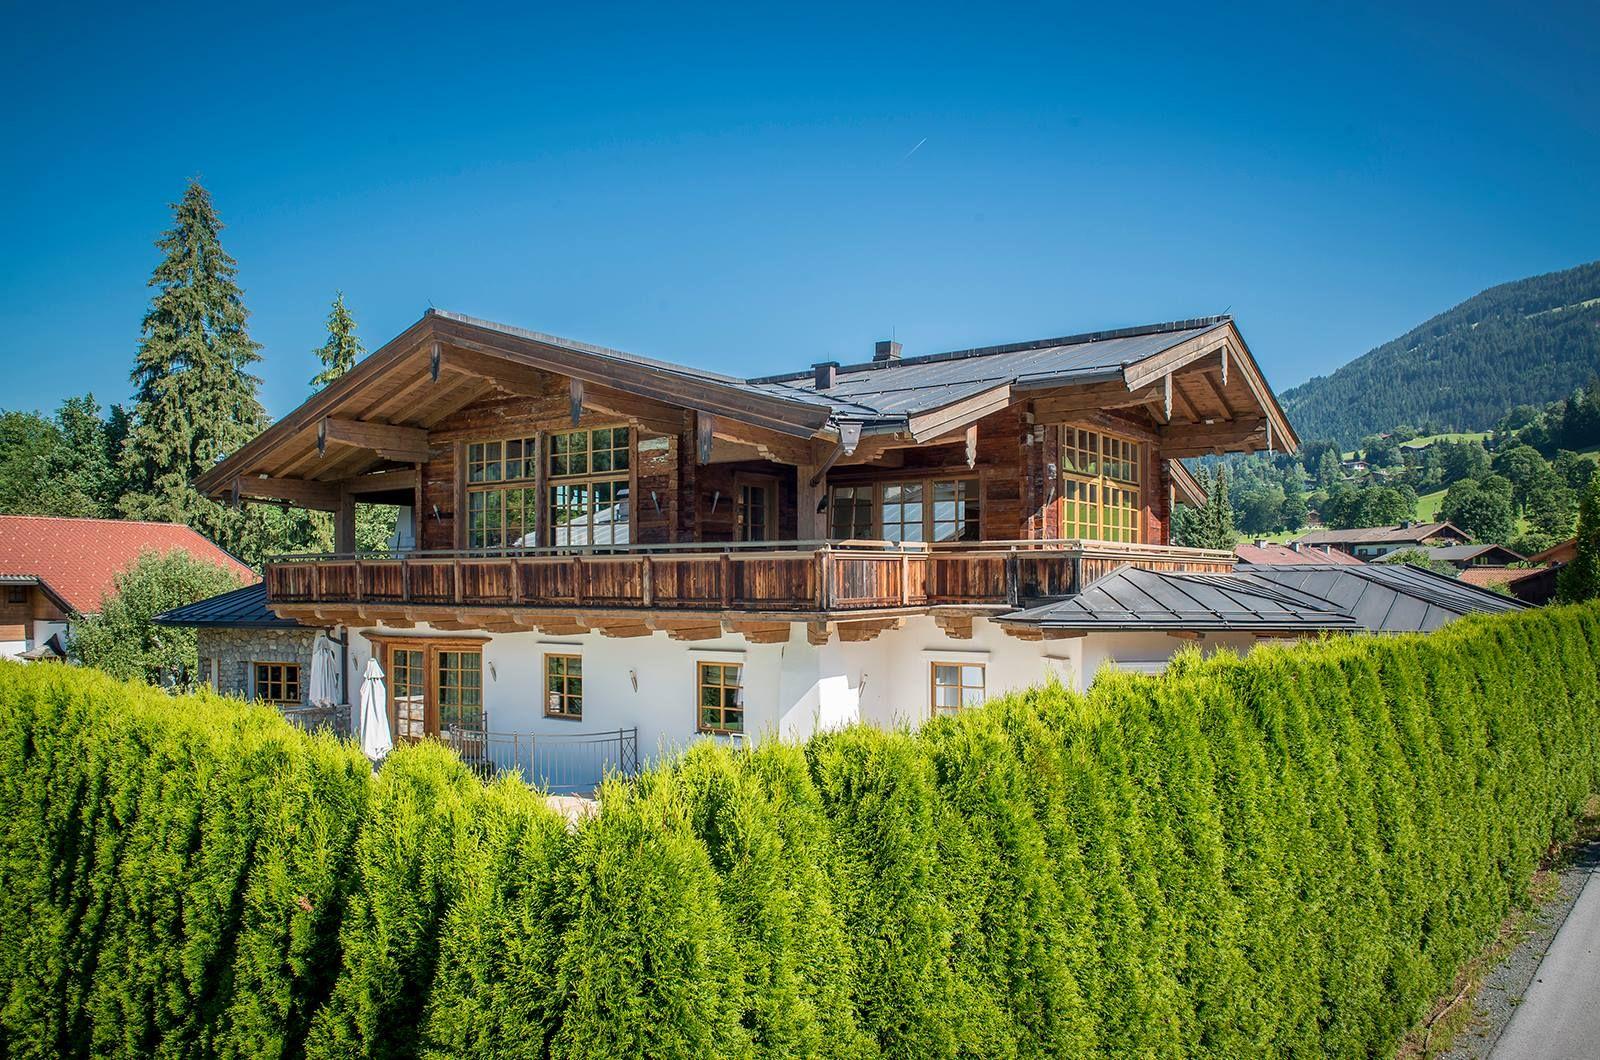 chalet im landhausstil mit blick auf die berge kitzb hels berghaus haus bauernhaus und. Black Bedroom Furniture Sets. Home Design Ideas